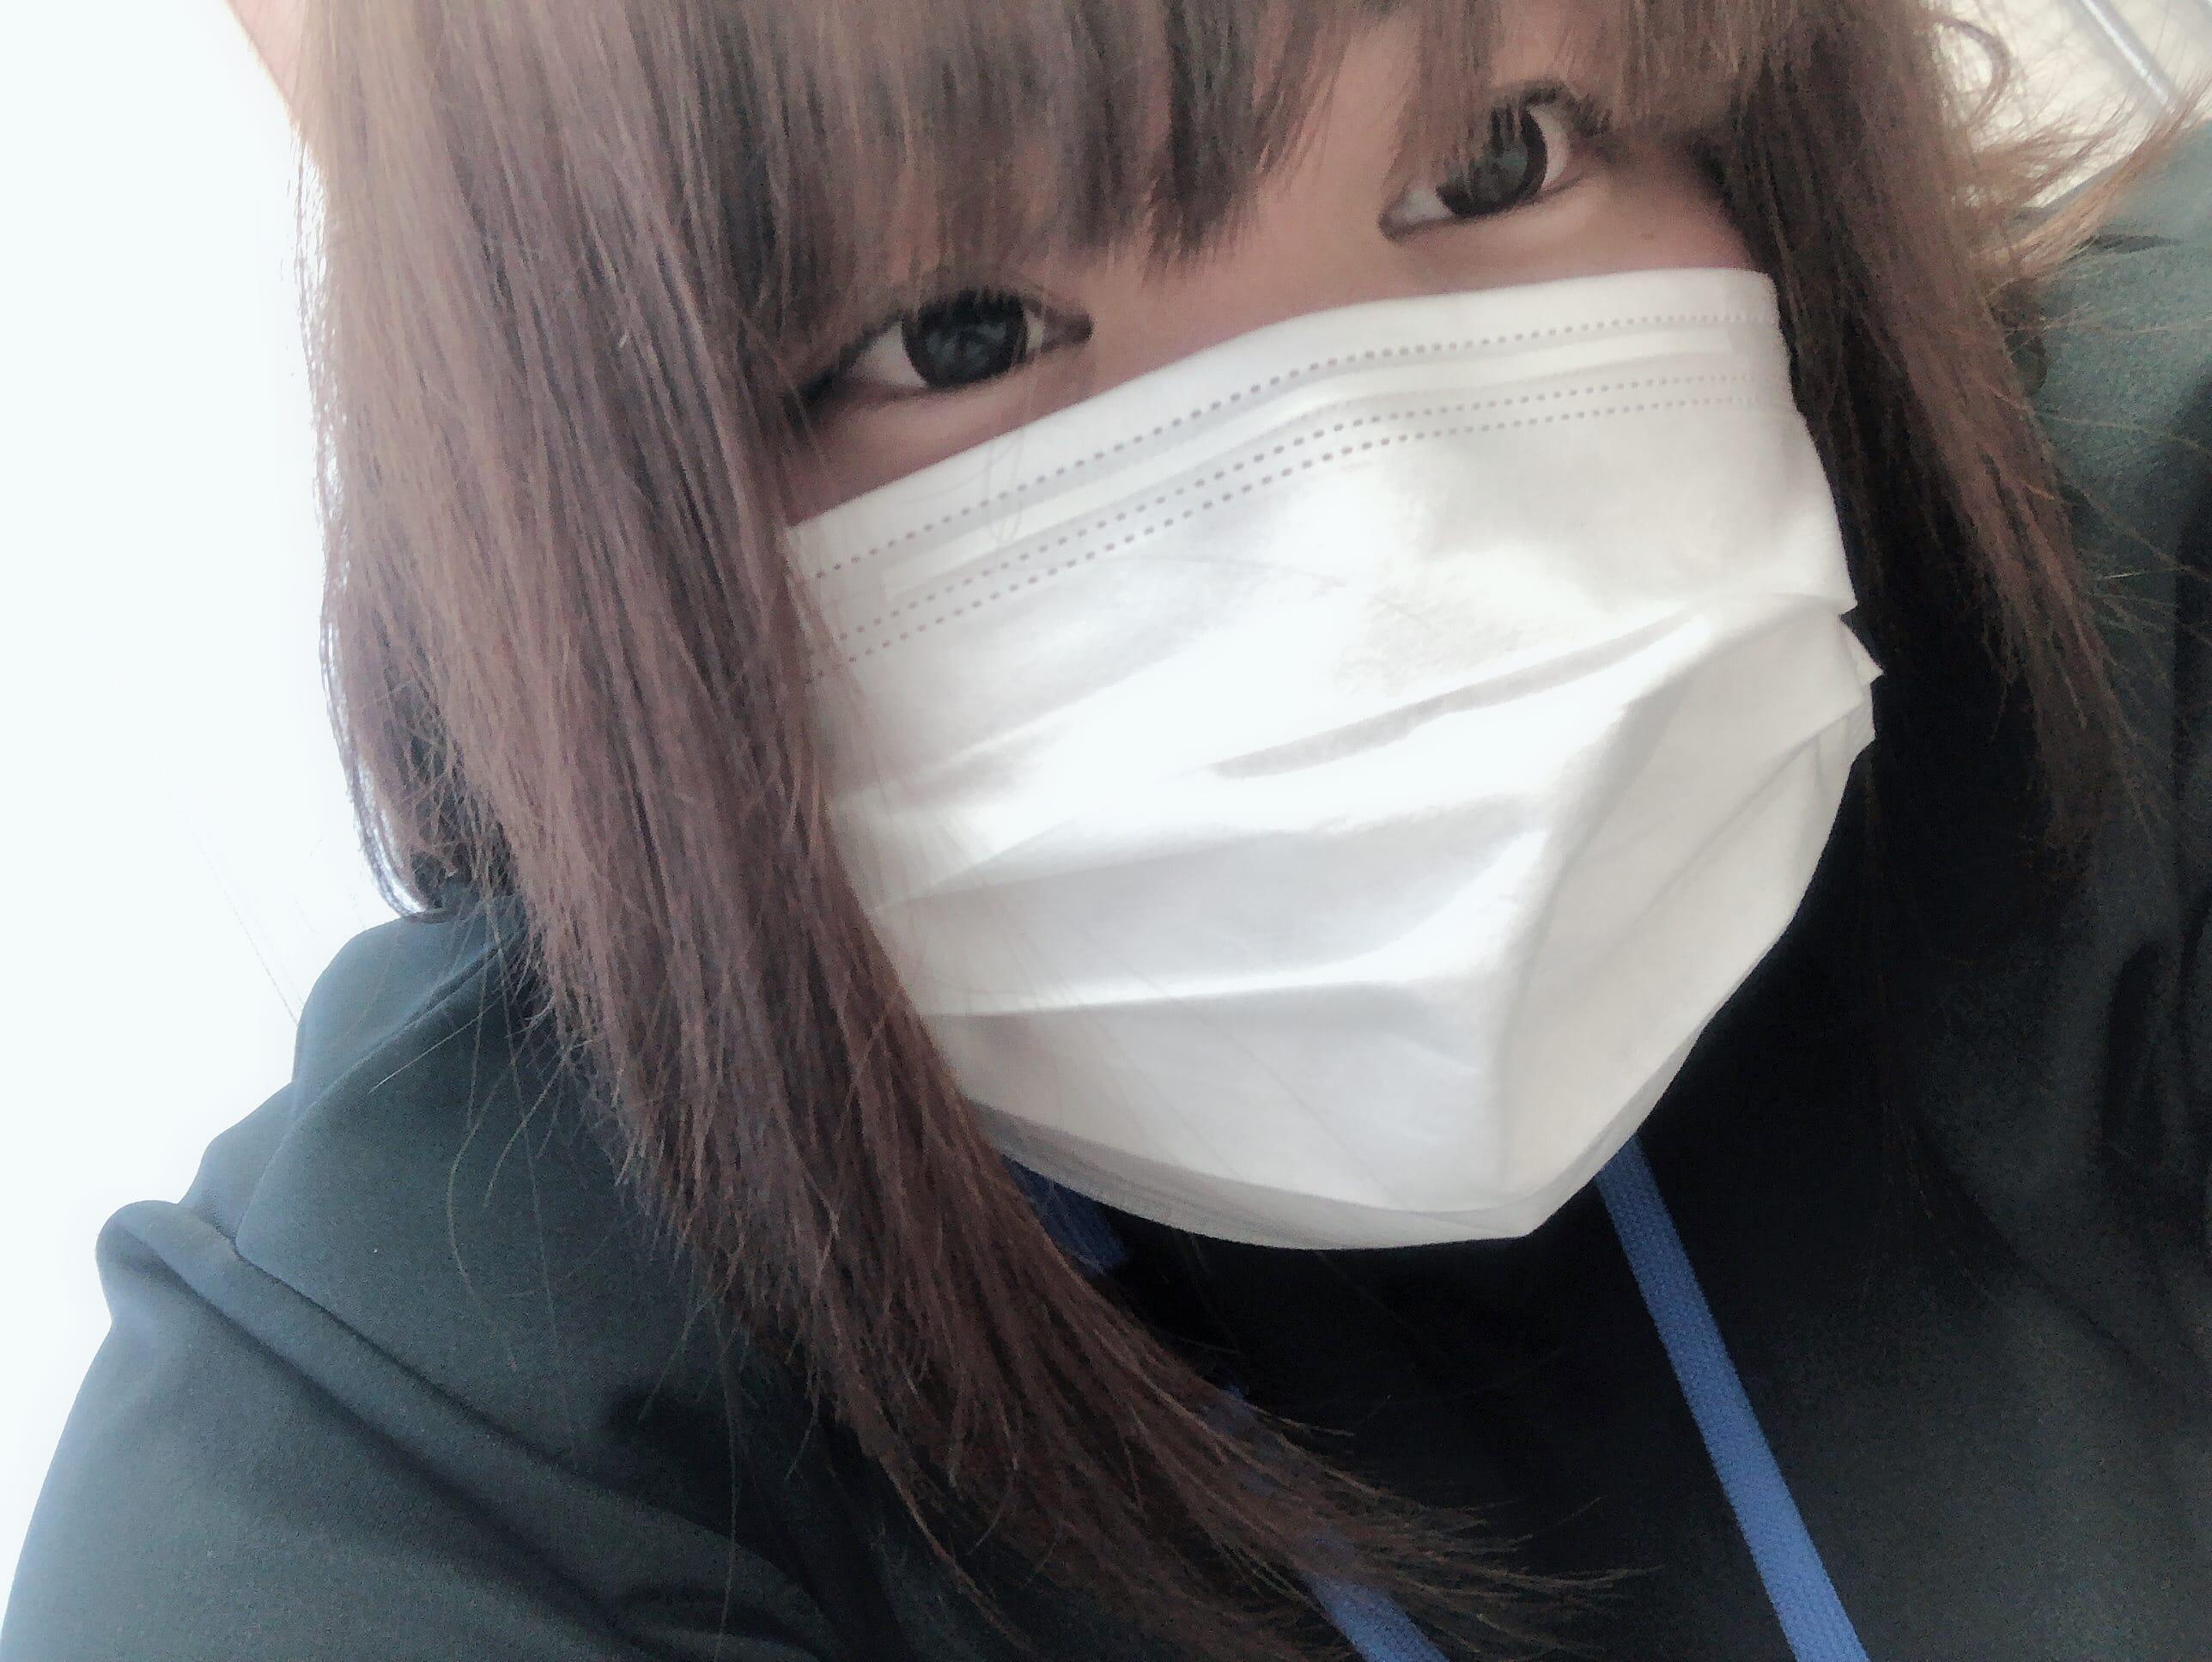 「出勤しました(#^.^#)」04/19(04/19) 11:15   こじこじちゃんの写メ・風俗動画